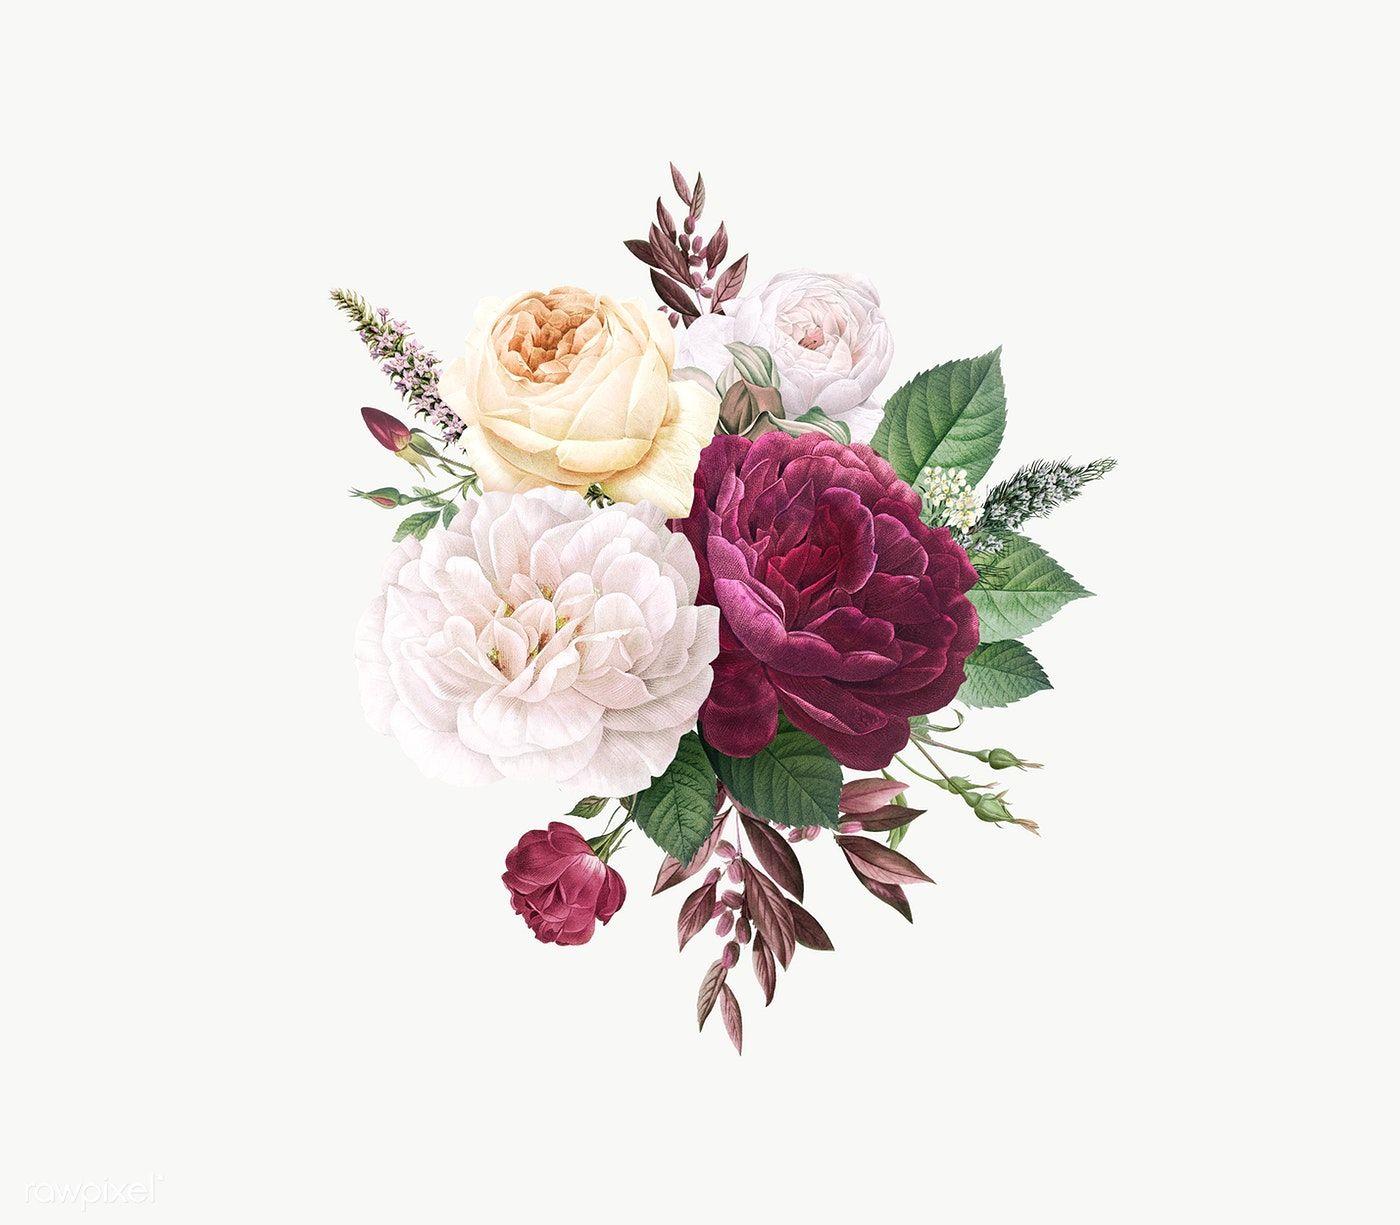 Download Premium Png Of Vintage Colorful Flowers Design Transparent Png Flower Design Vector Flower Illustration Floral Watercolor